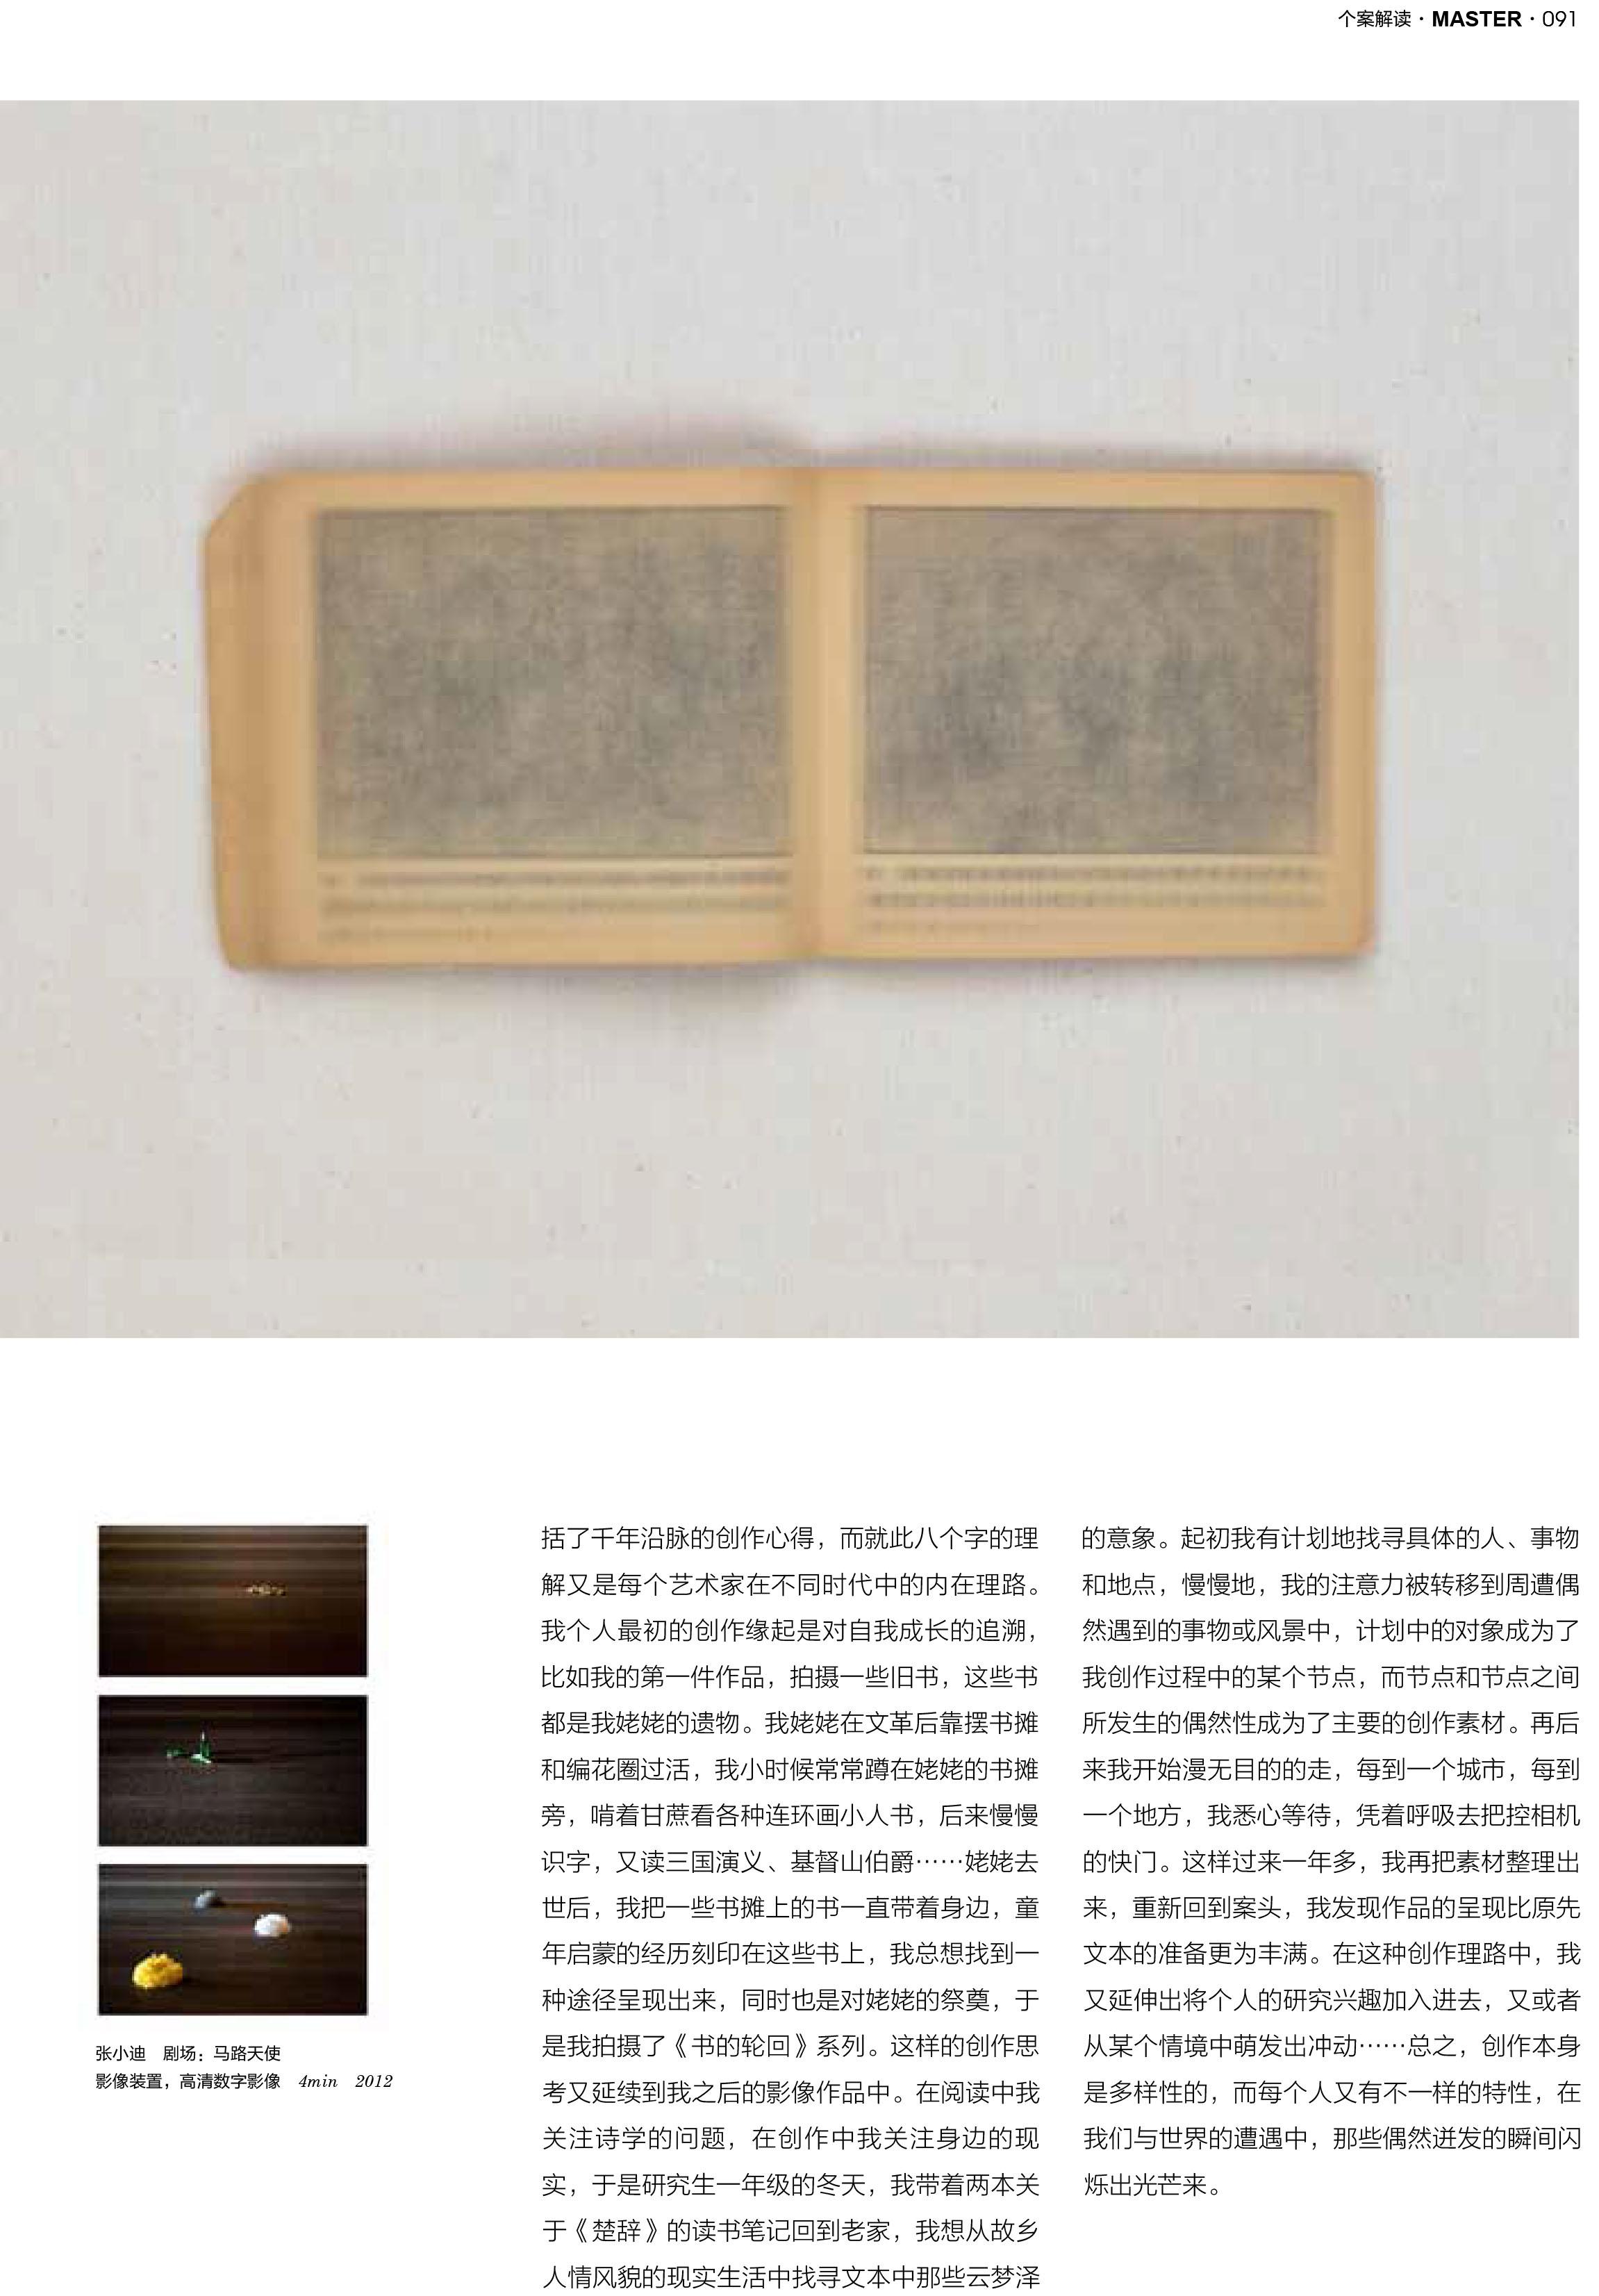 向京-东方艺术大家(张小迪)-12.jpg